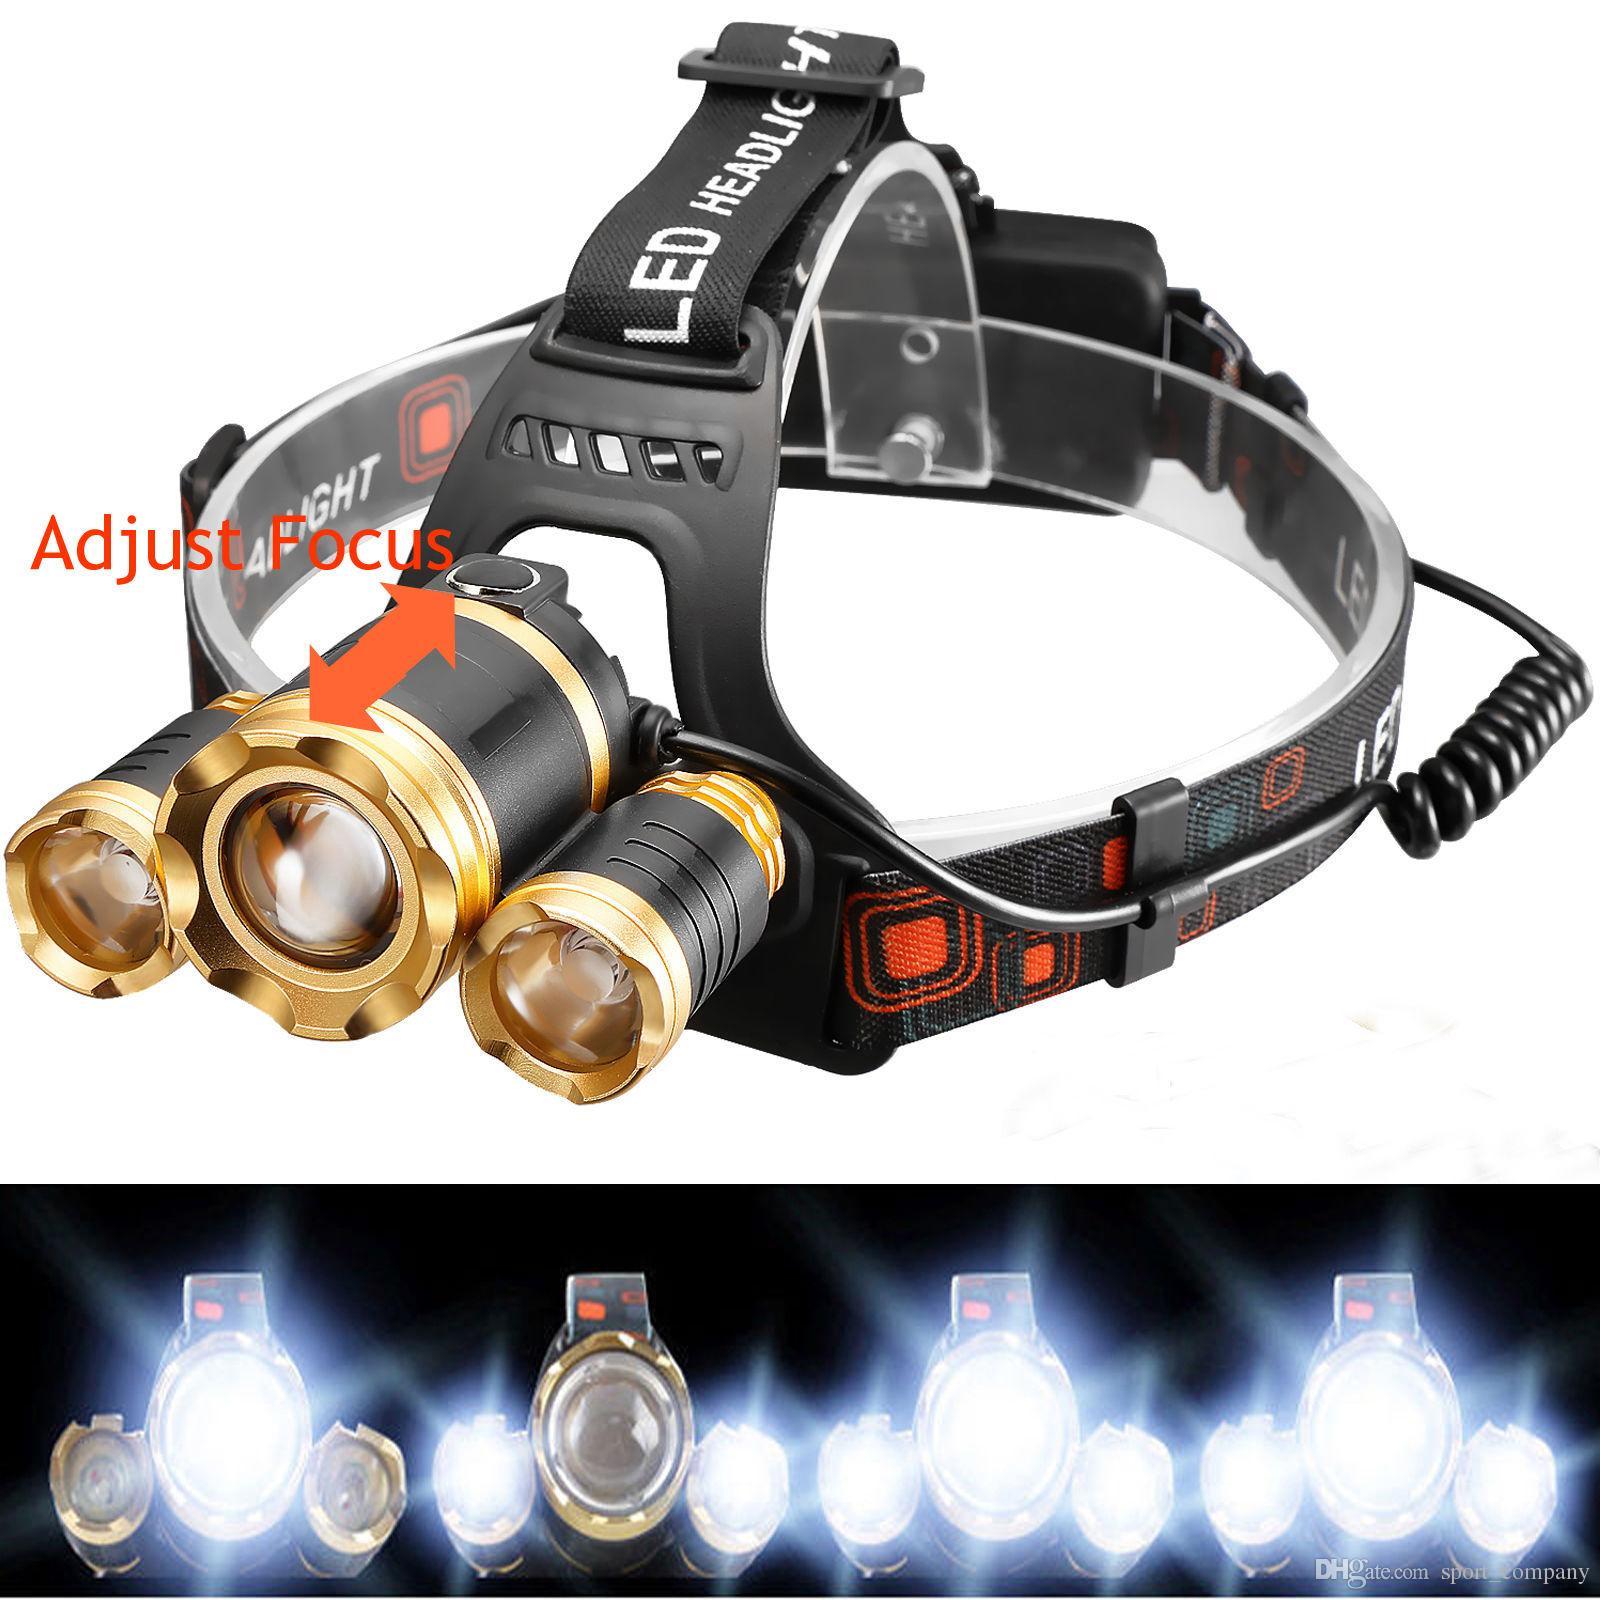 12000 Lumen Jagdscheinwerfer 3x XML T6 LED Scheinwerfer Stirnlampe Lampe Camping Zoom Scheinwerfer Taschenlampe 18650 Batterie + Ladegerät + Autoladegerät